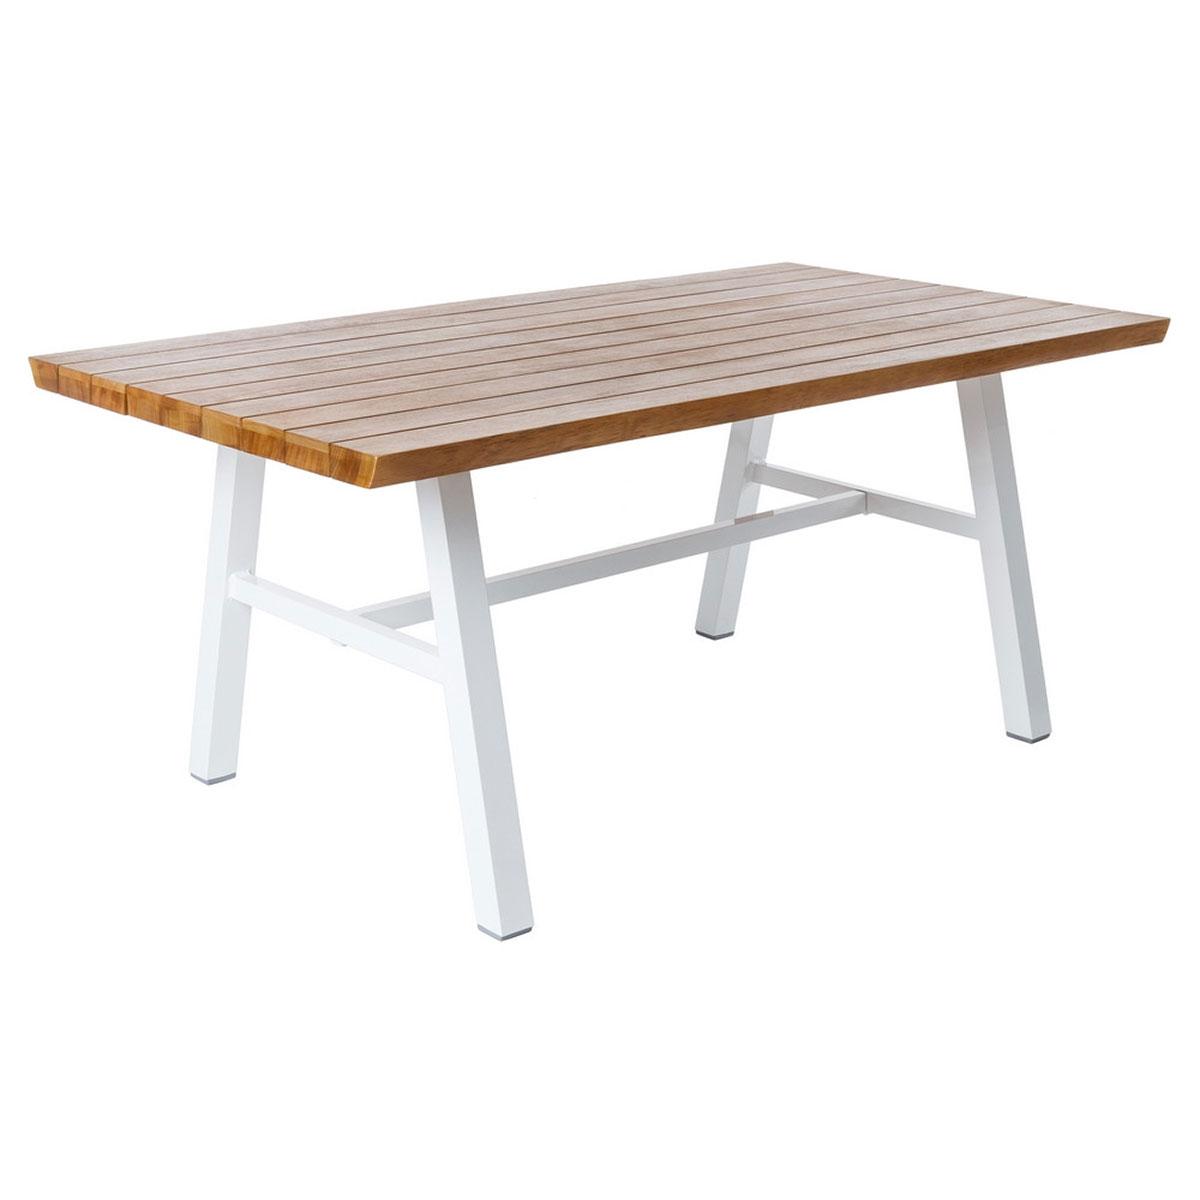 Table en aluminium blanc et bois - Naturel/Blanc - 180.00 cm x 100.00 cm x 75.00 cm